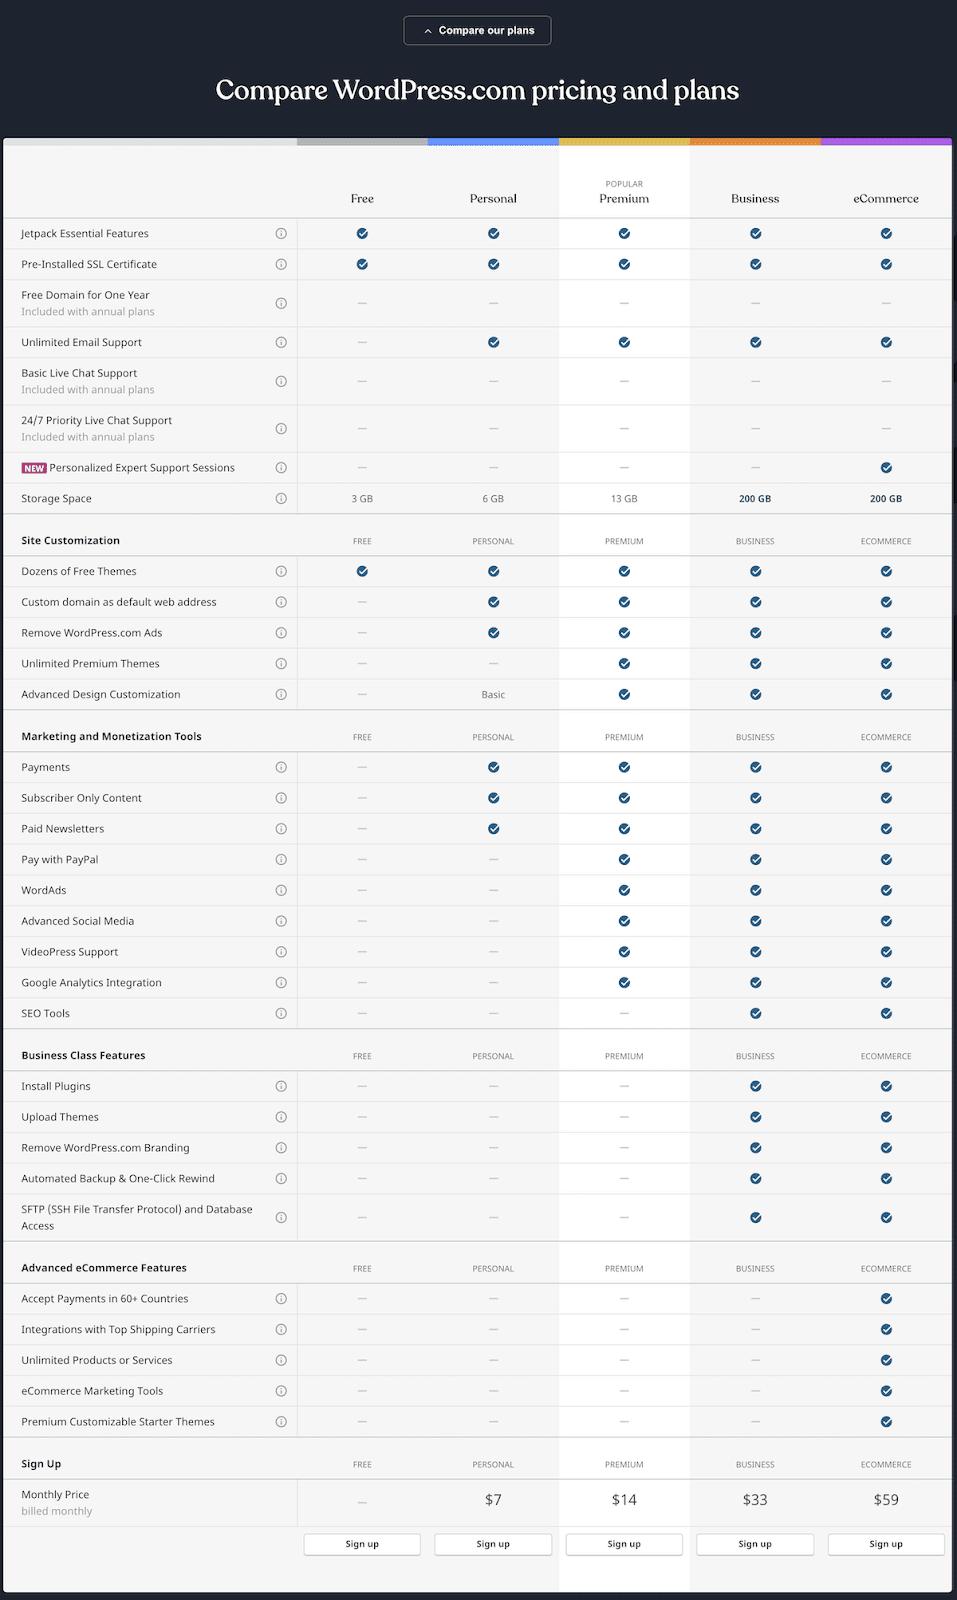 Comparación de planes de WordPress